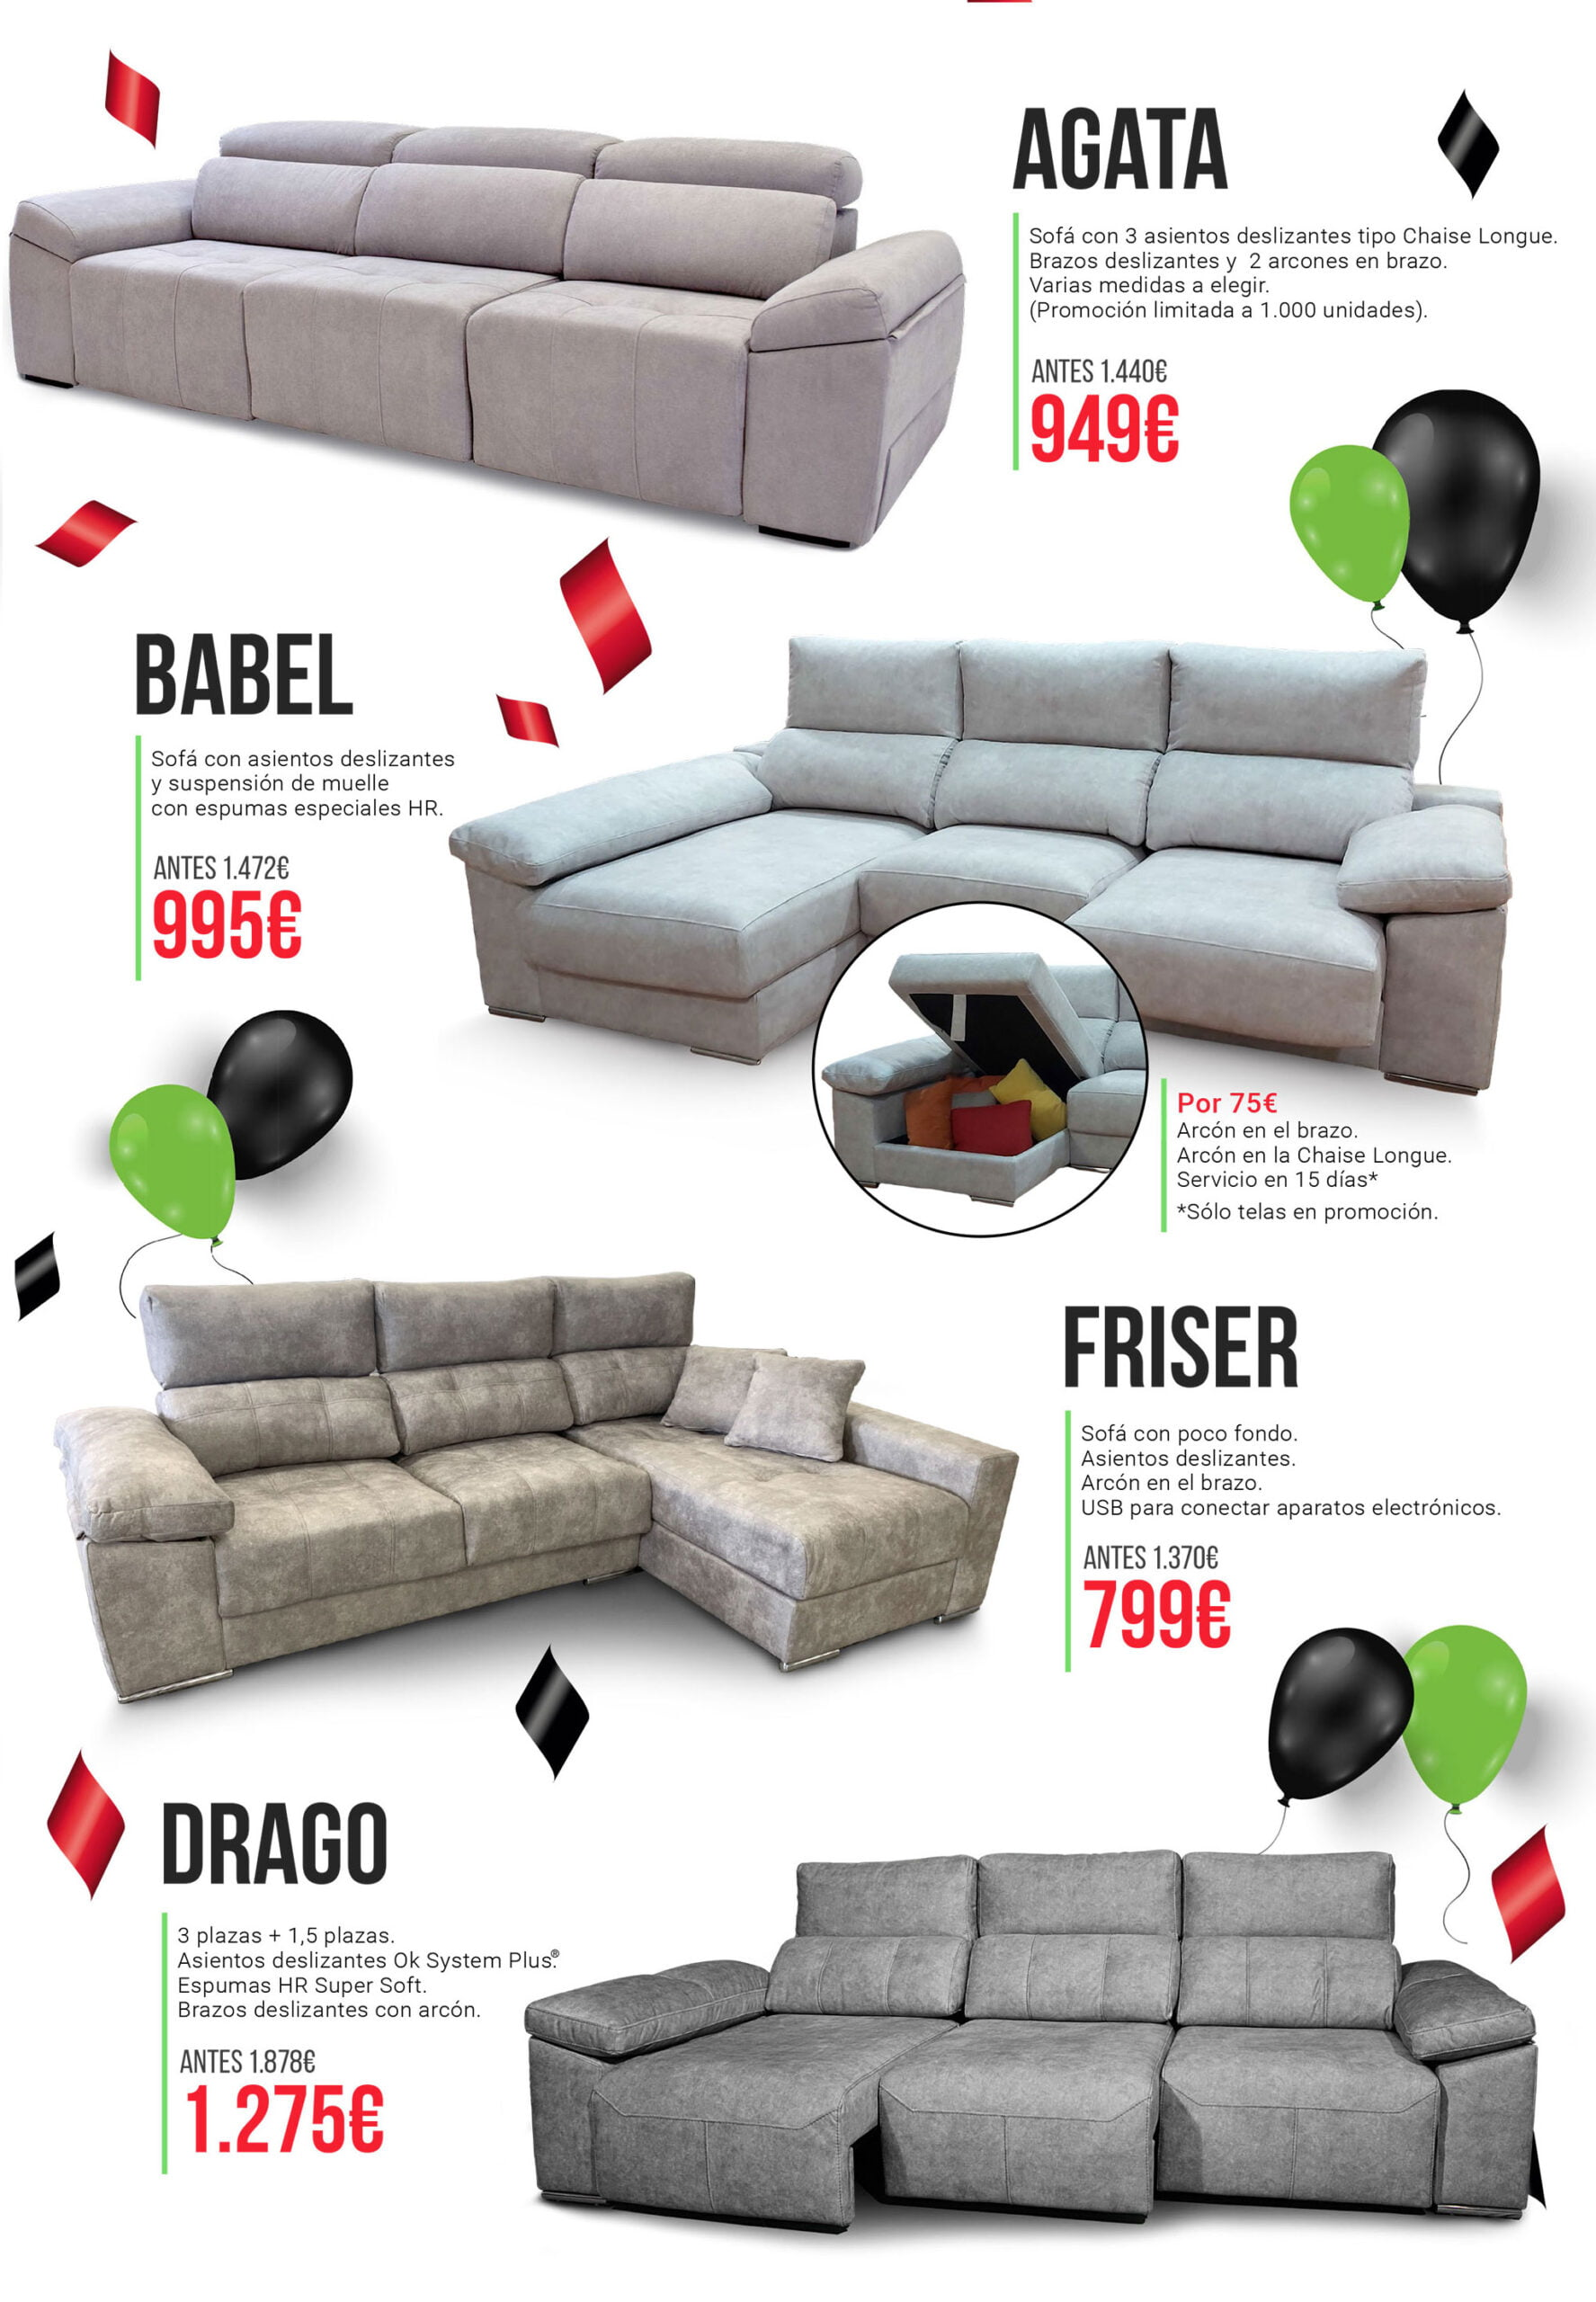 Take advantage of the OK Sofas sales